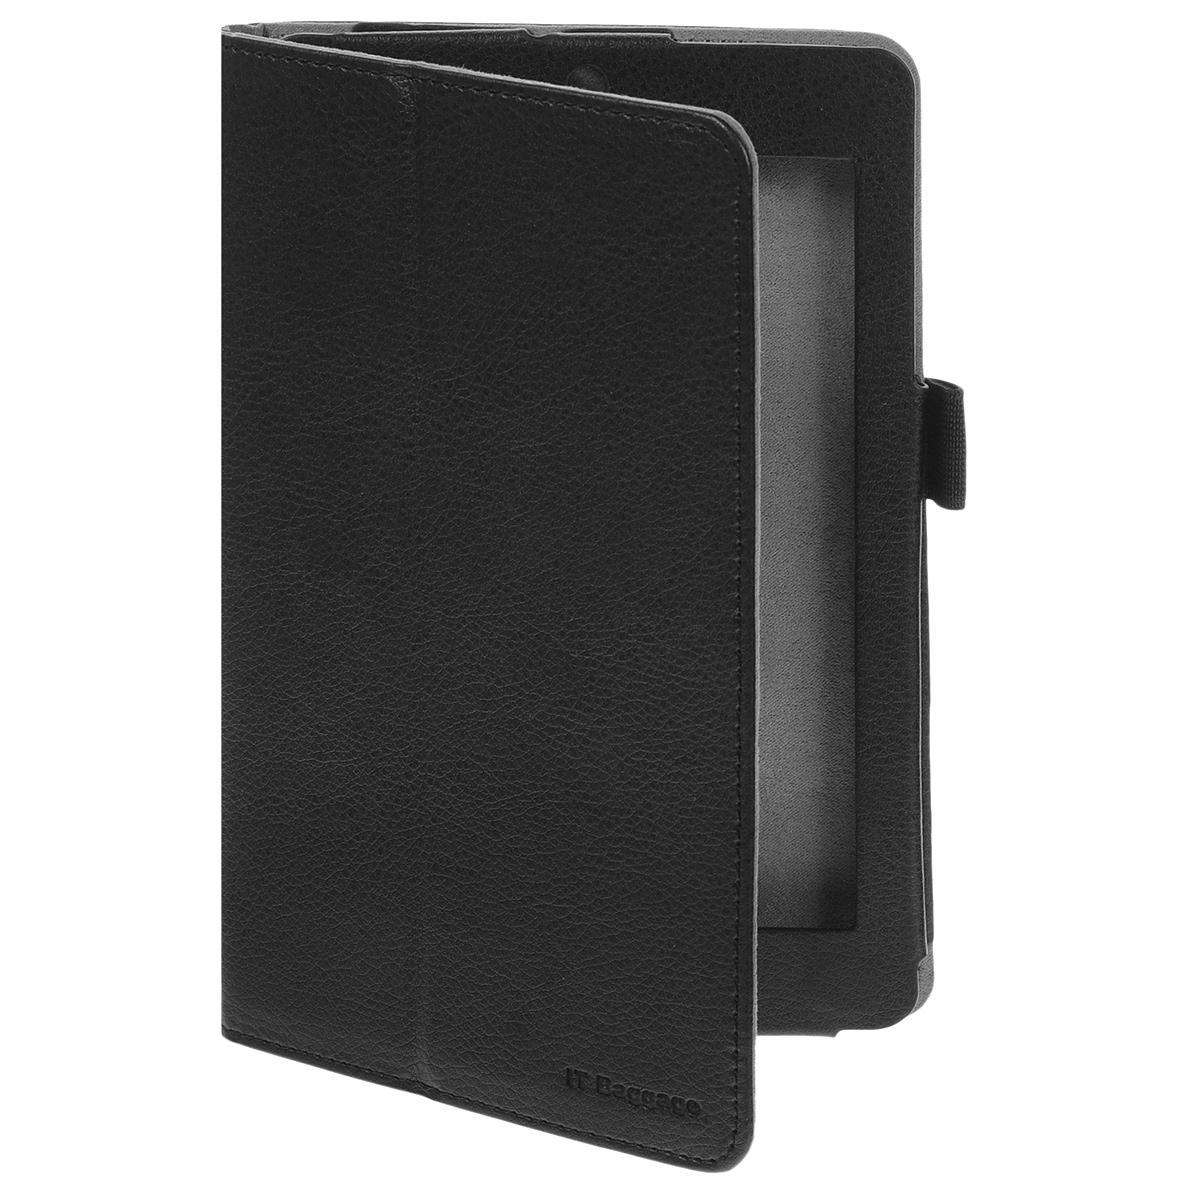 IT Baggage чехол для планшета Acer Iconia Tab B1-730/731, BlackITACB730-1Чехол IT Baggage для планшета Acer Iconia Tab B1-730/731 - это стильный и лаконичный аксессуар, позволяющий сохранить планшет в идеальном состоянии. Надежно удерживая технику, обложка защищает корпус и дисплей от появления царапин, налипания пыли. Имеет свободный доступ ко всем разъемам устройства.